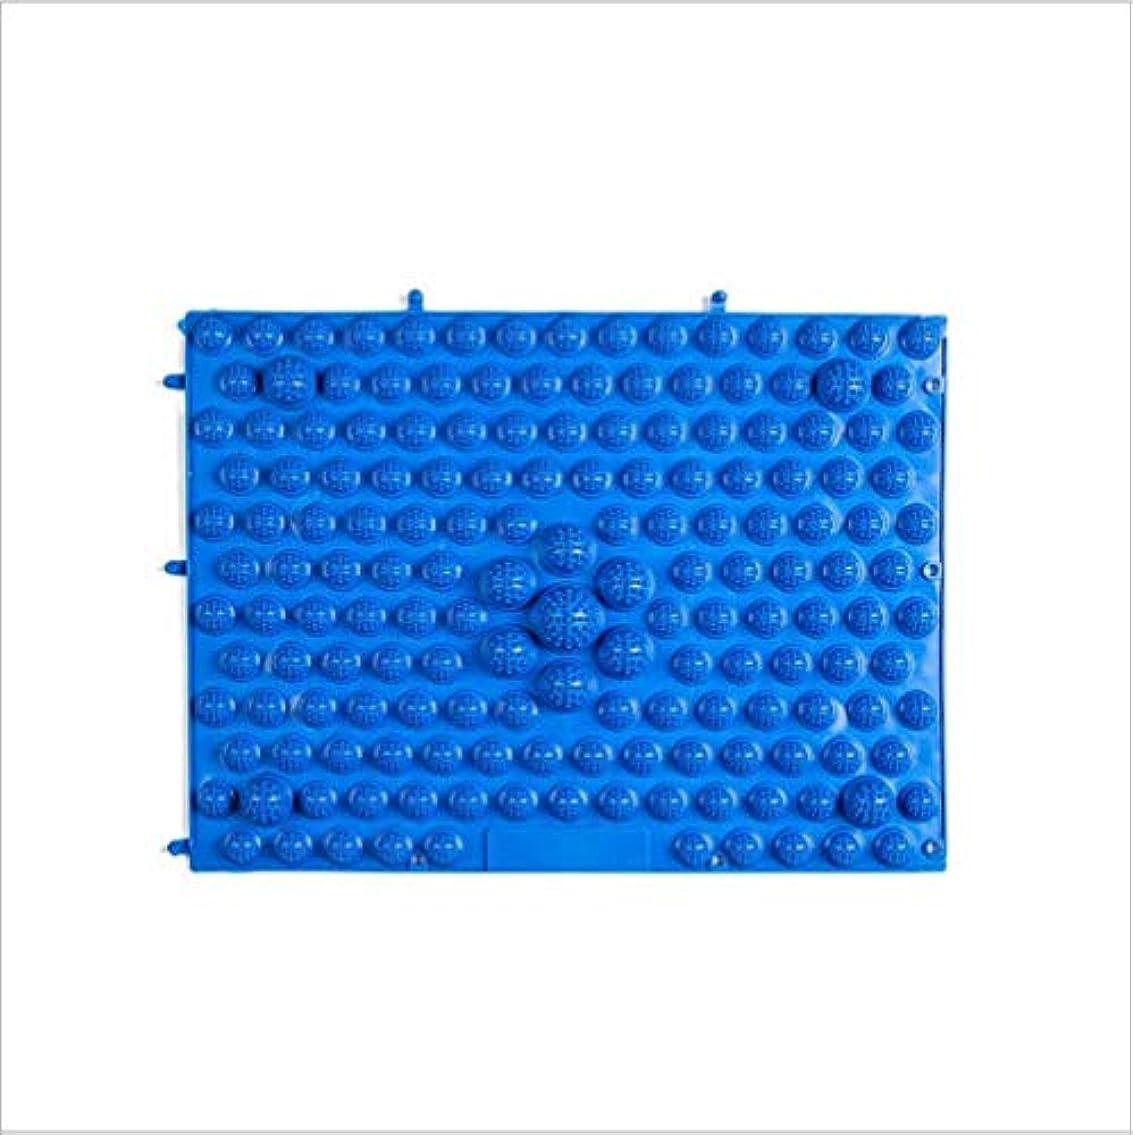 激しいスケッチ着実にウォークマット 裏板セット(ABS樹脂製補強板付き)(ブルー)